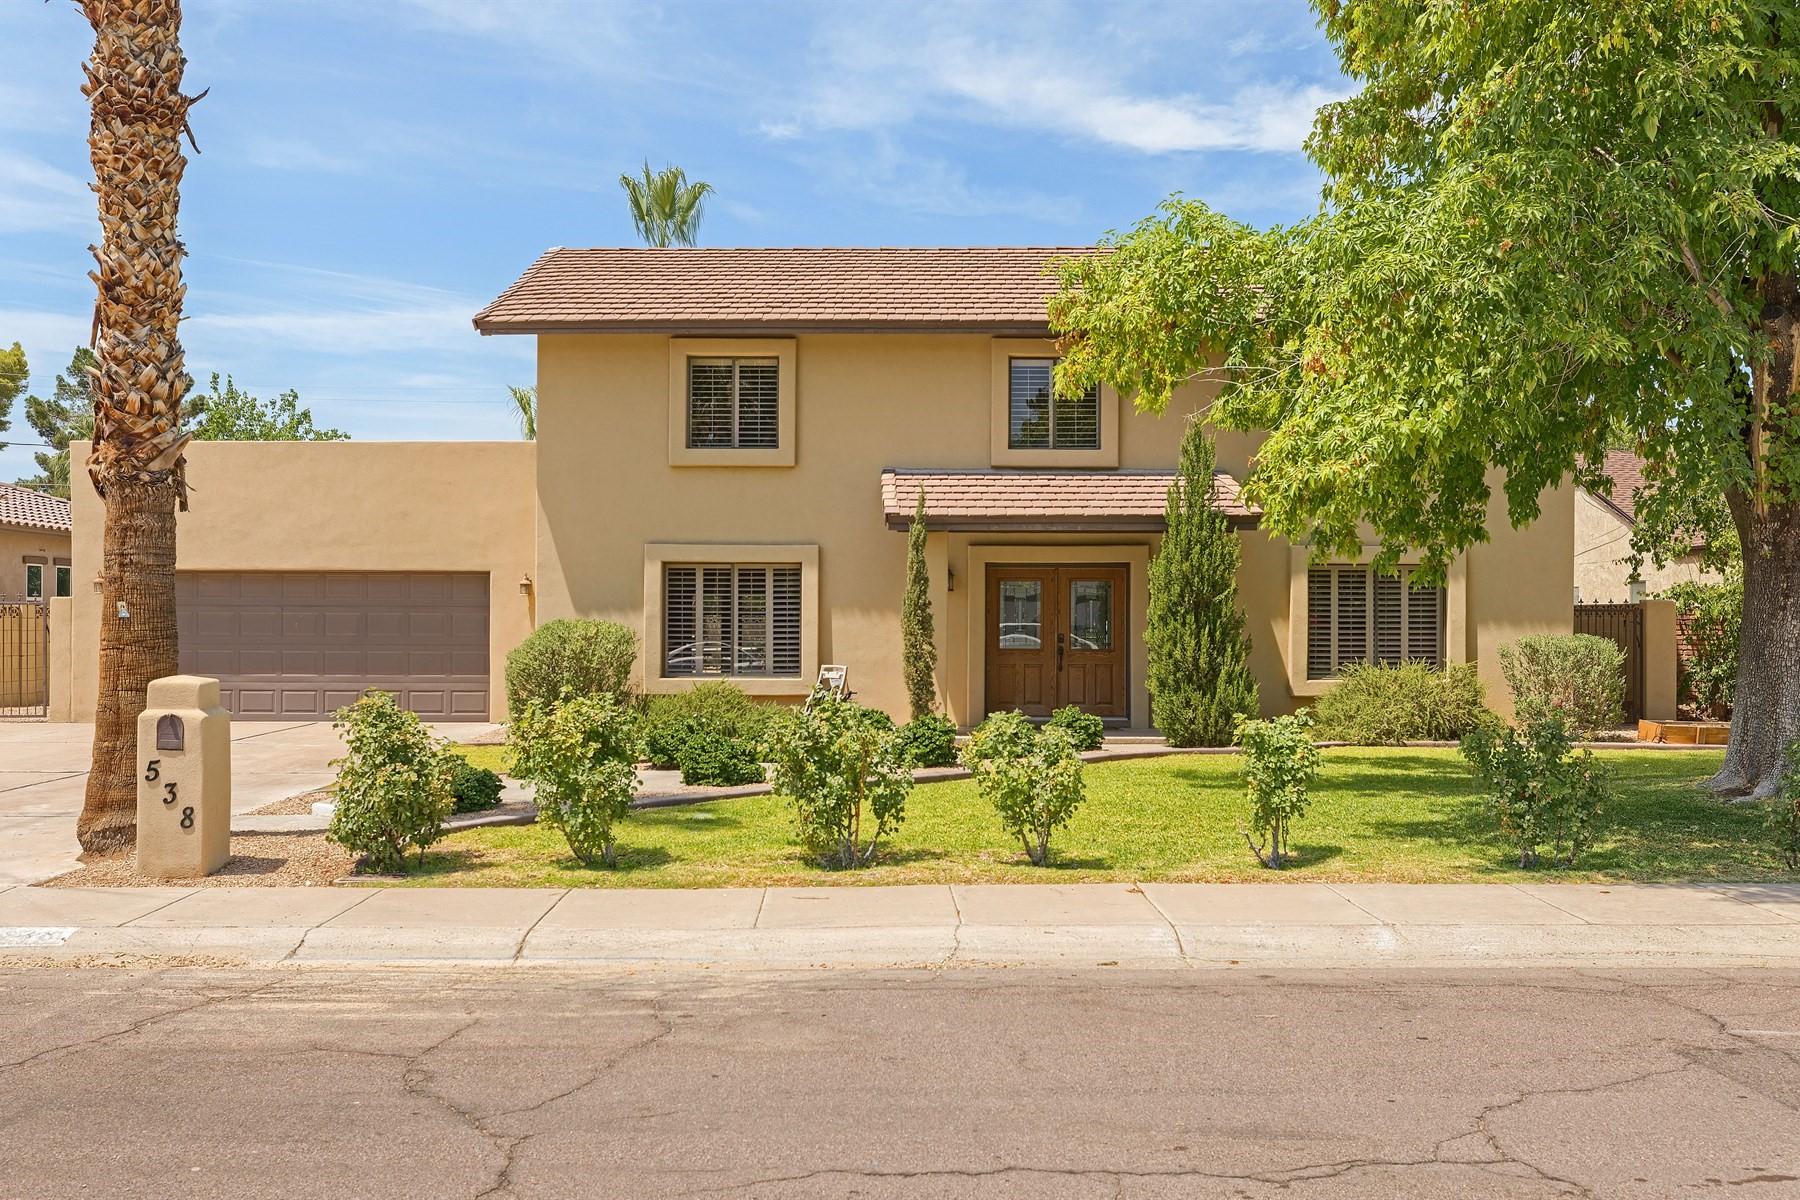 Casa Unifamiliar por un Venta en Charming home in highly desired North Central Phoenix location 538 W Las Palmaritas Dr Phoenix, Arizona, 85021 Estados Unidos